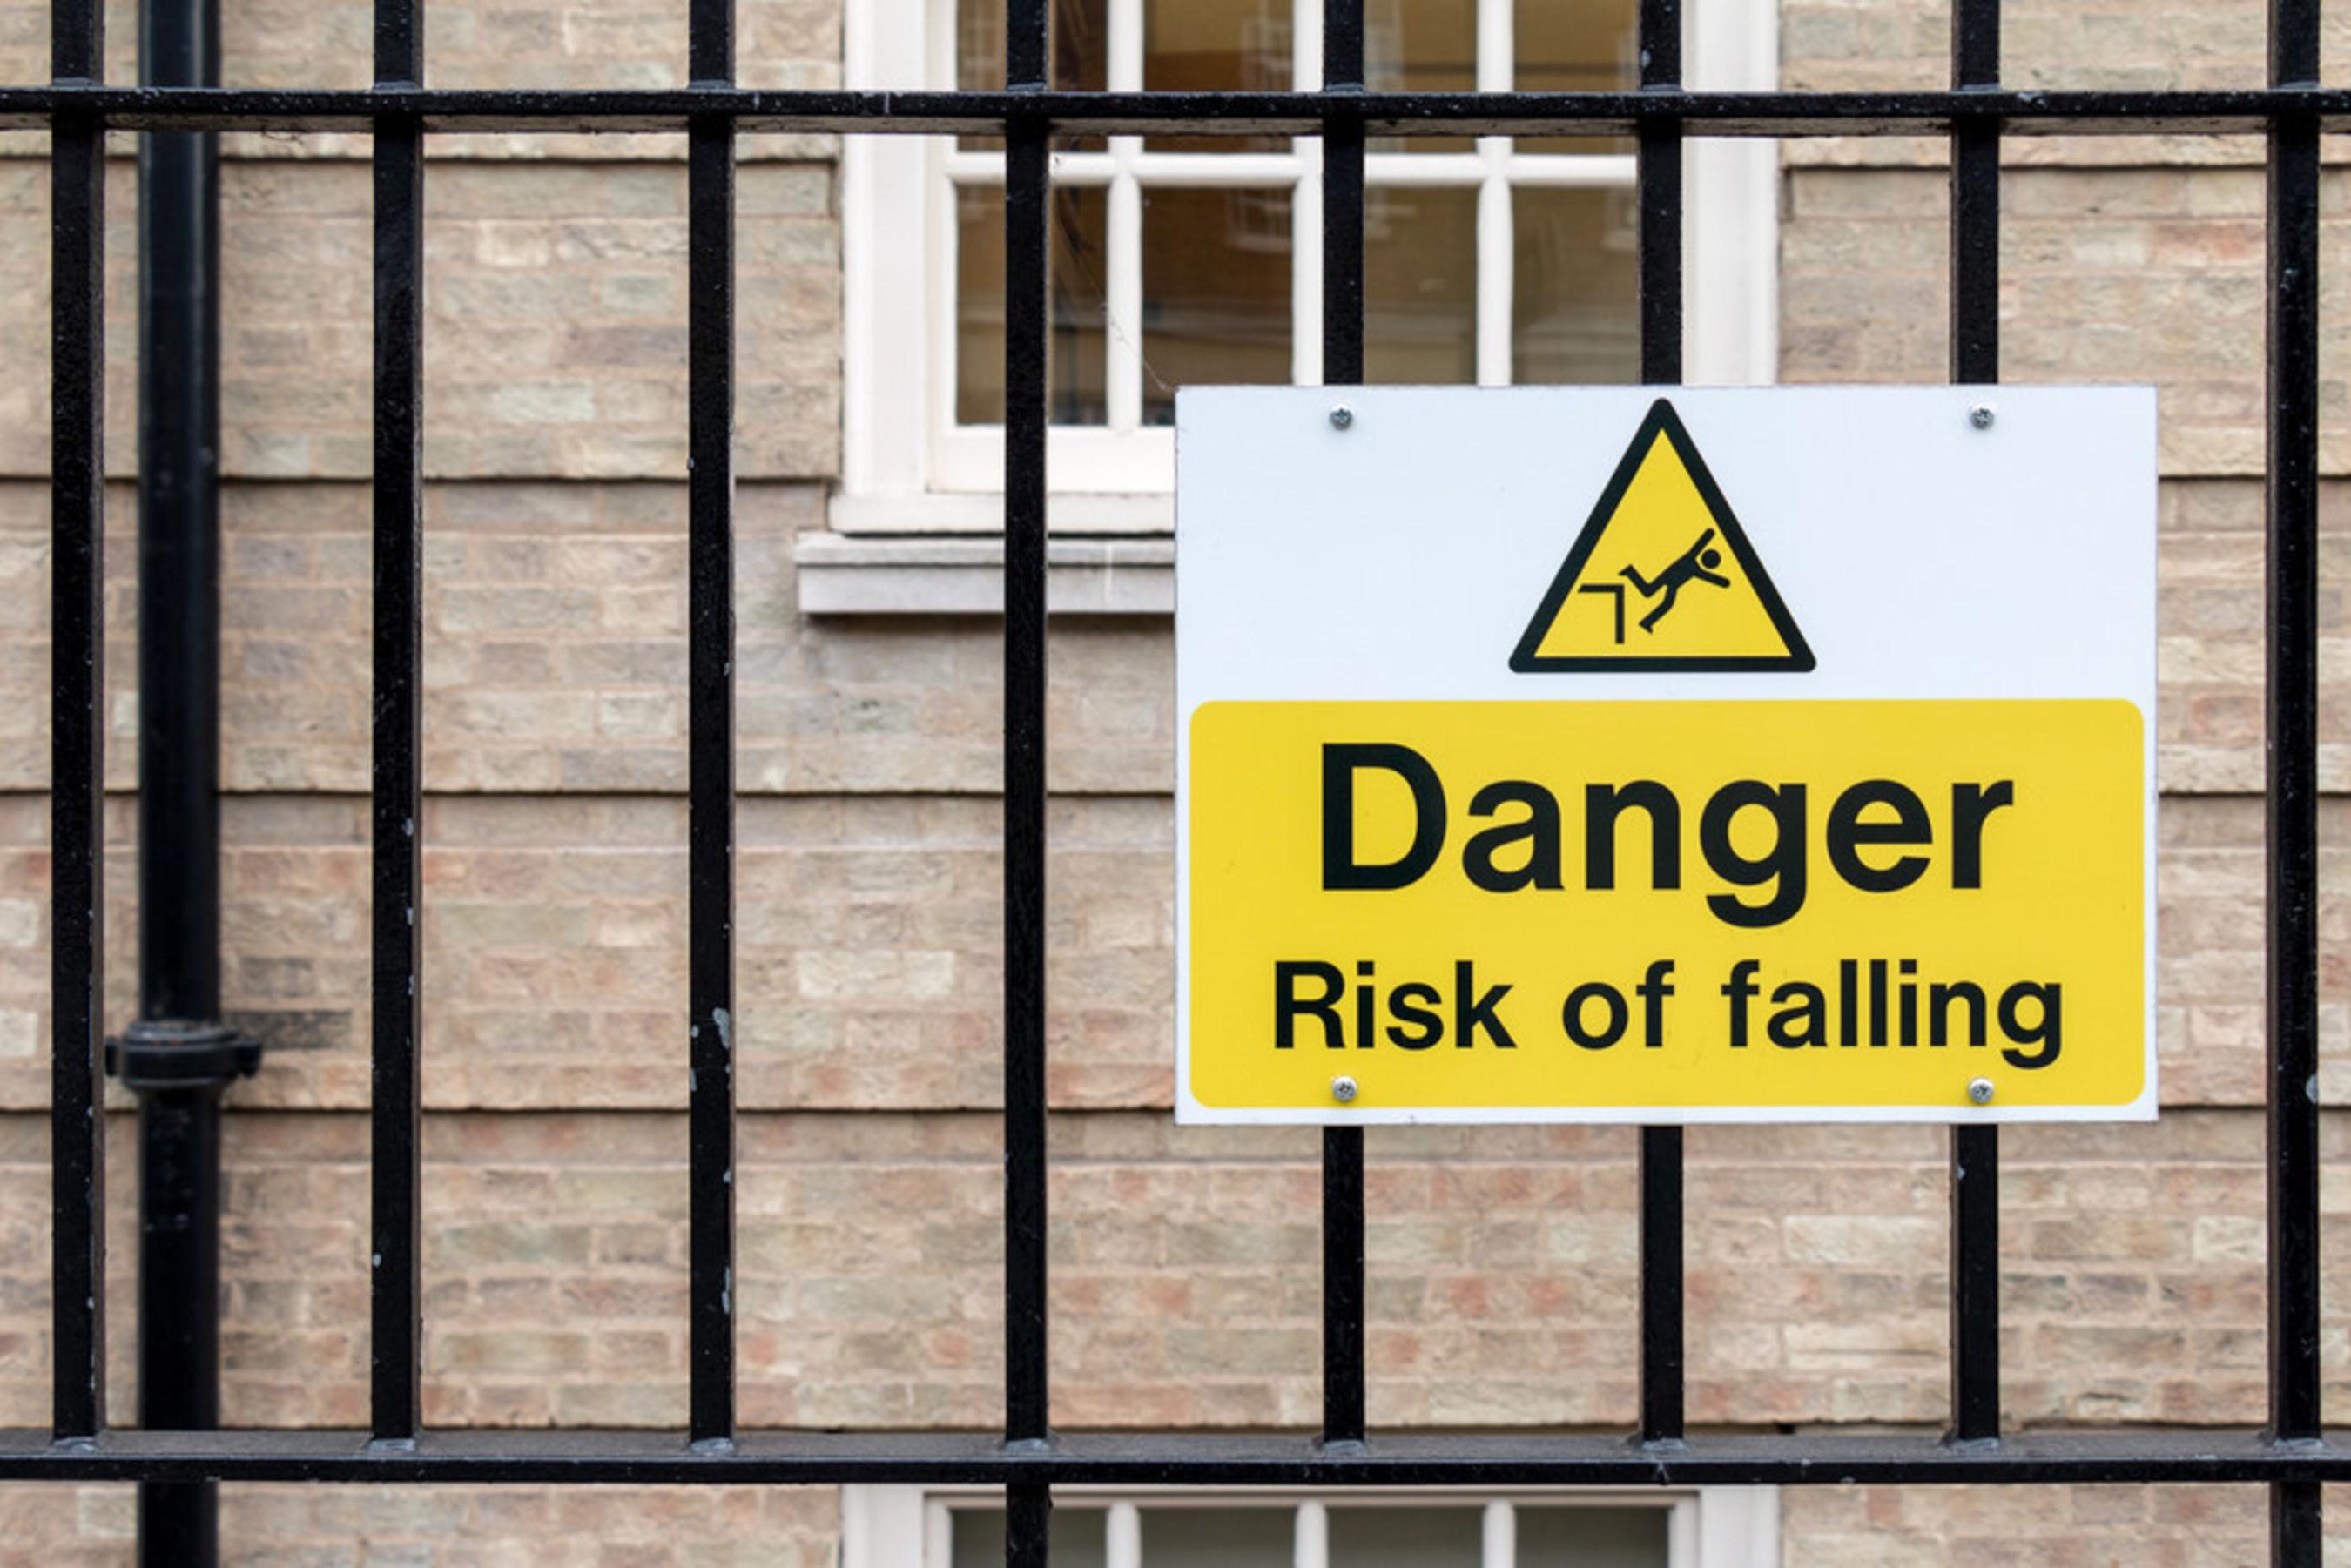 Danger Sign: Risk of Falling